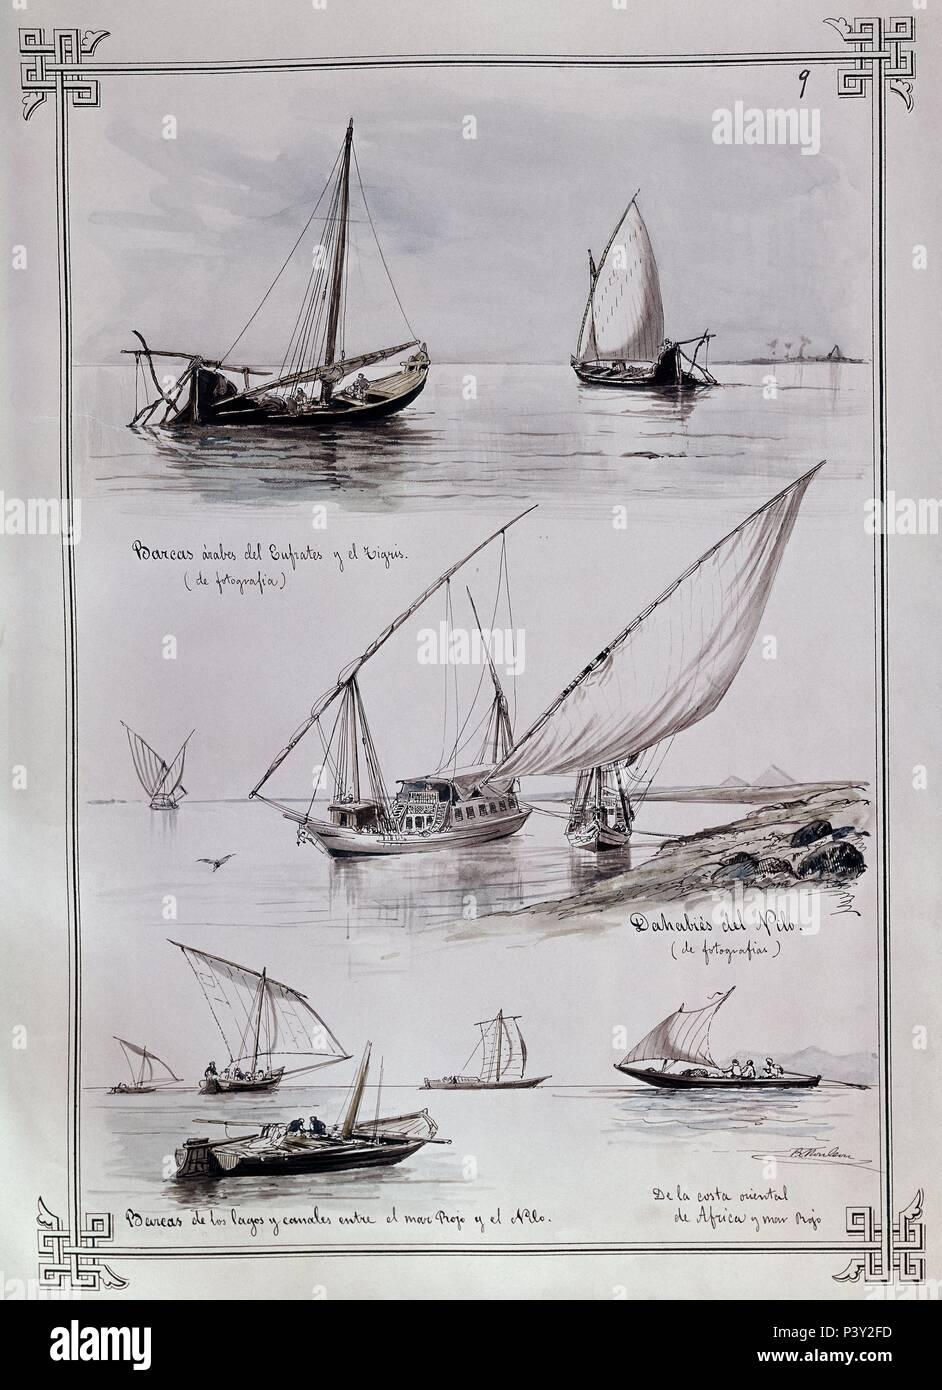 BARCAS FLUVIALES DE ORIENTE MEDIO. Autore: Rafael Monleón (1853-1900). Posizione: MUSEO NAVAL / MINISTERIO DE MARINA, MADRID, Spagna. Immagini Stock